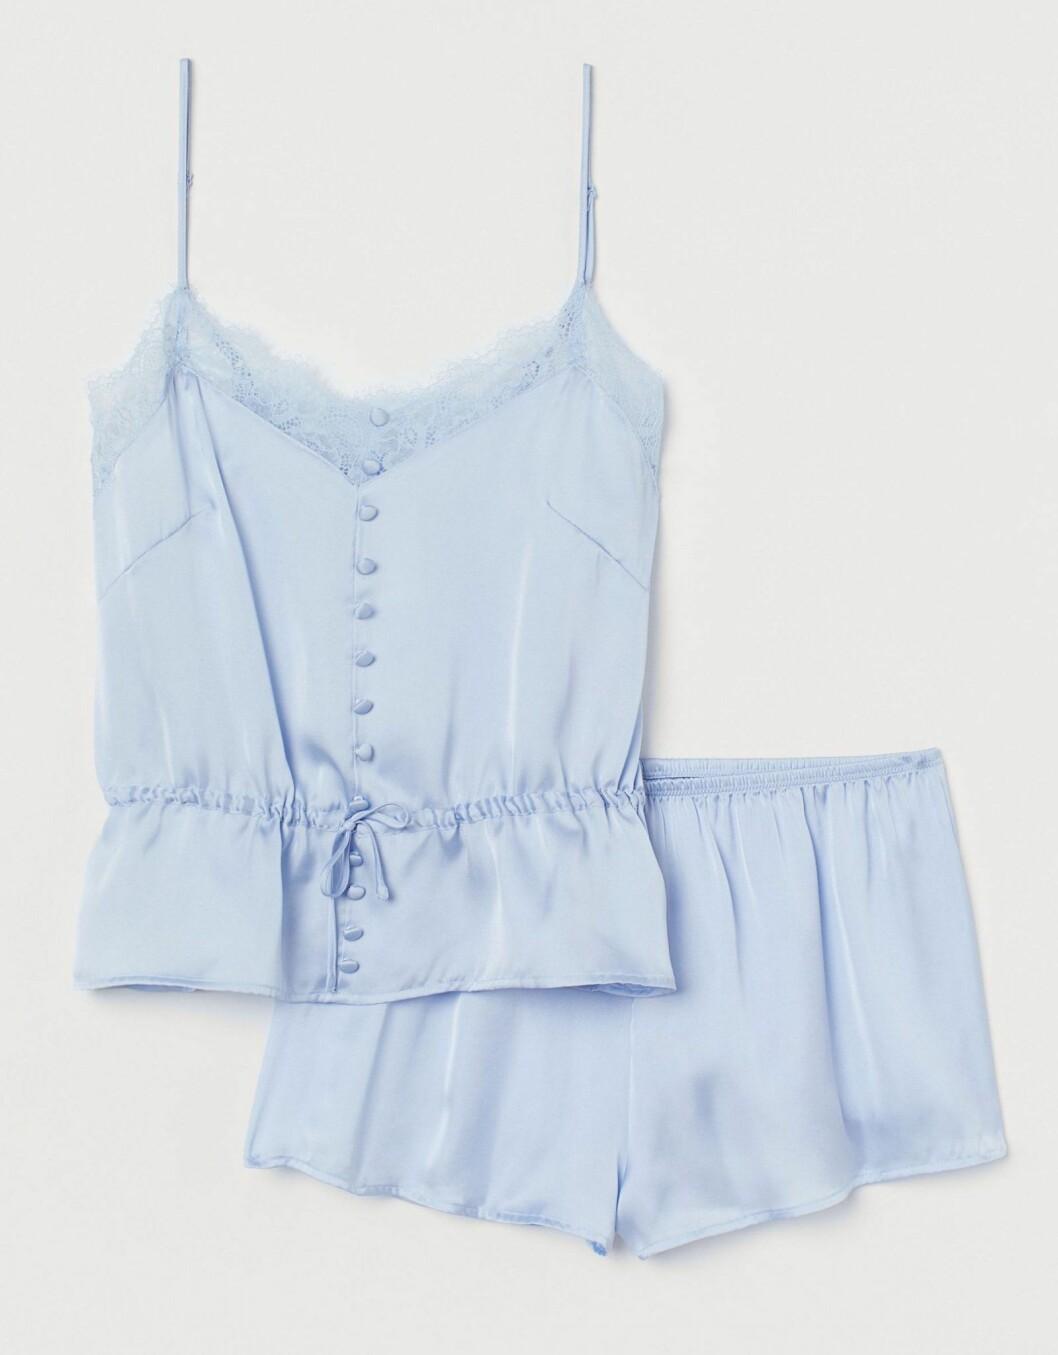 Ljusblått pyjamasset från H&M.